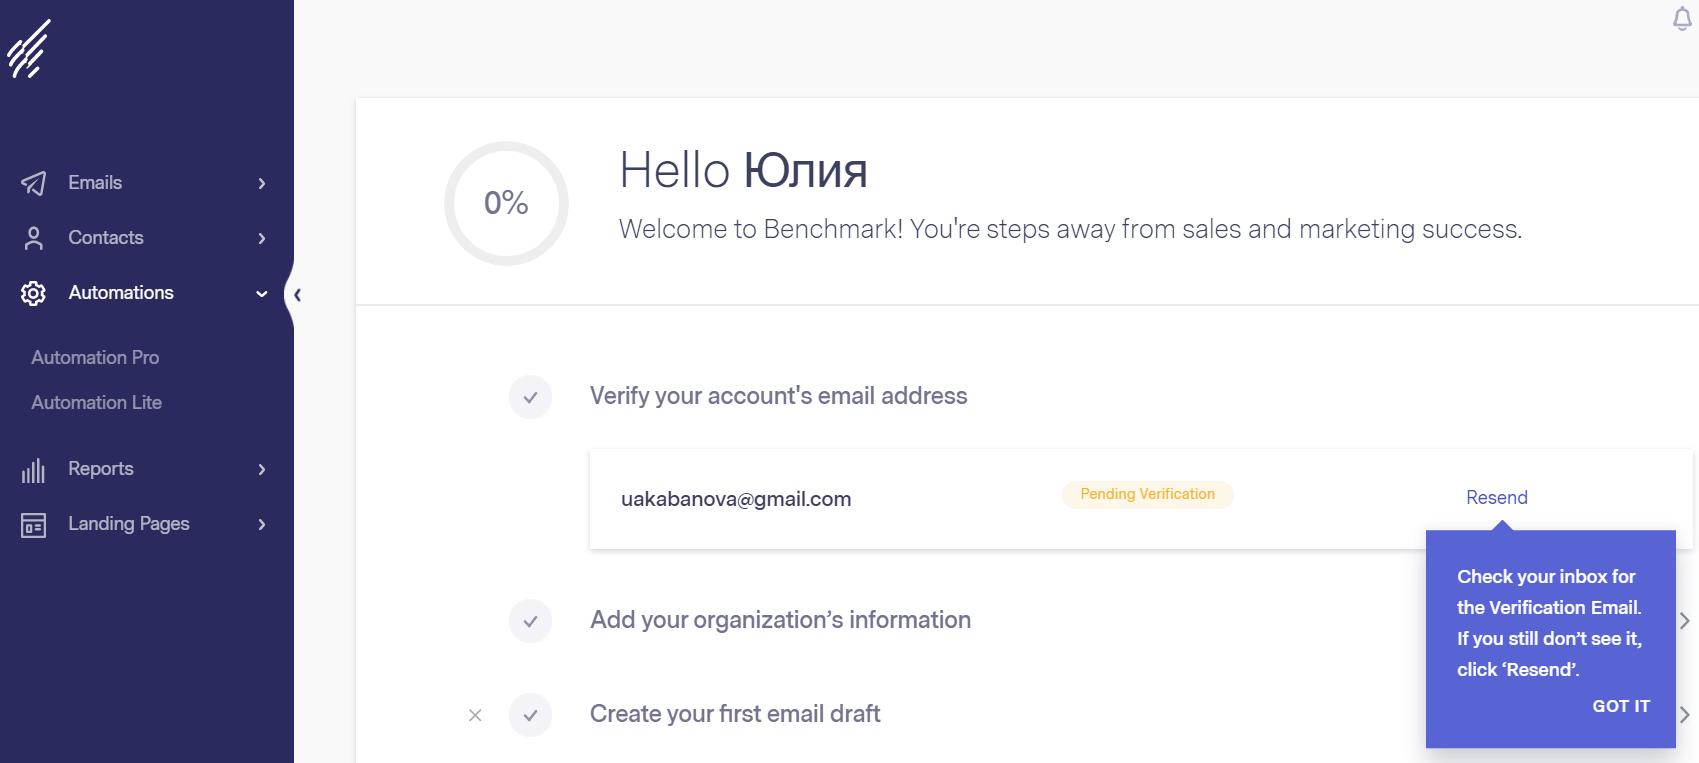 бесплатная email-рассылка бенчмарк интерфейс